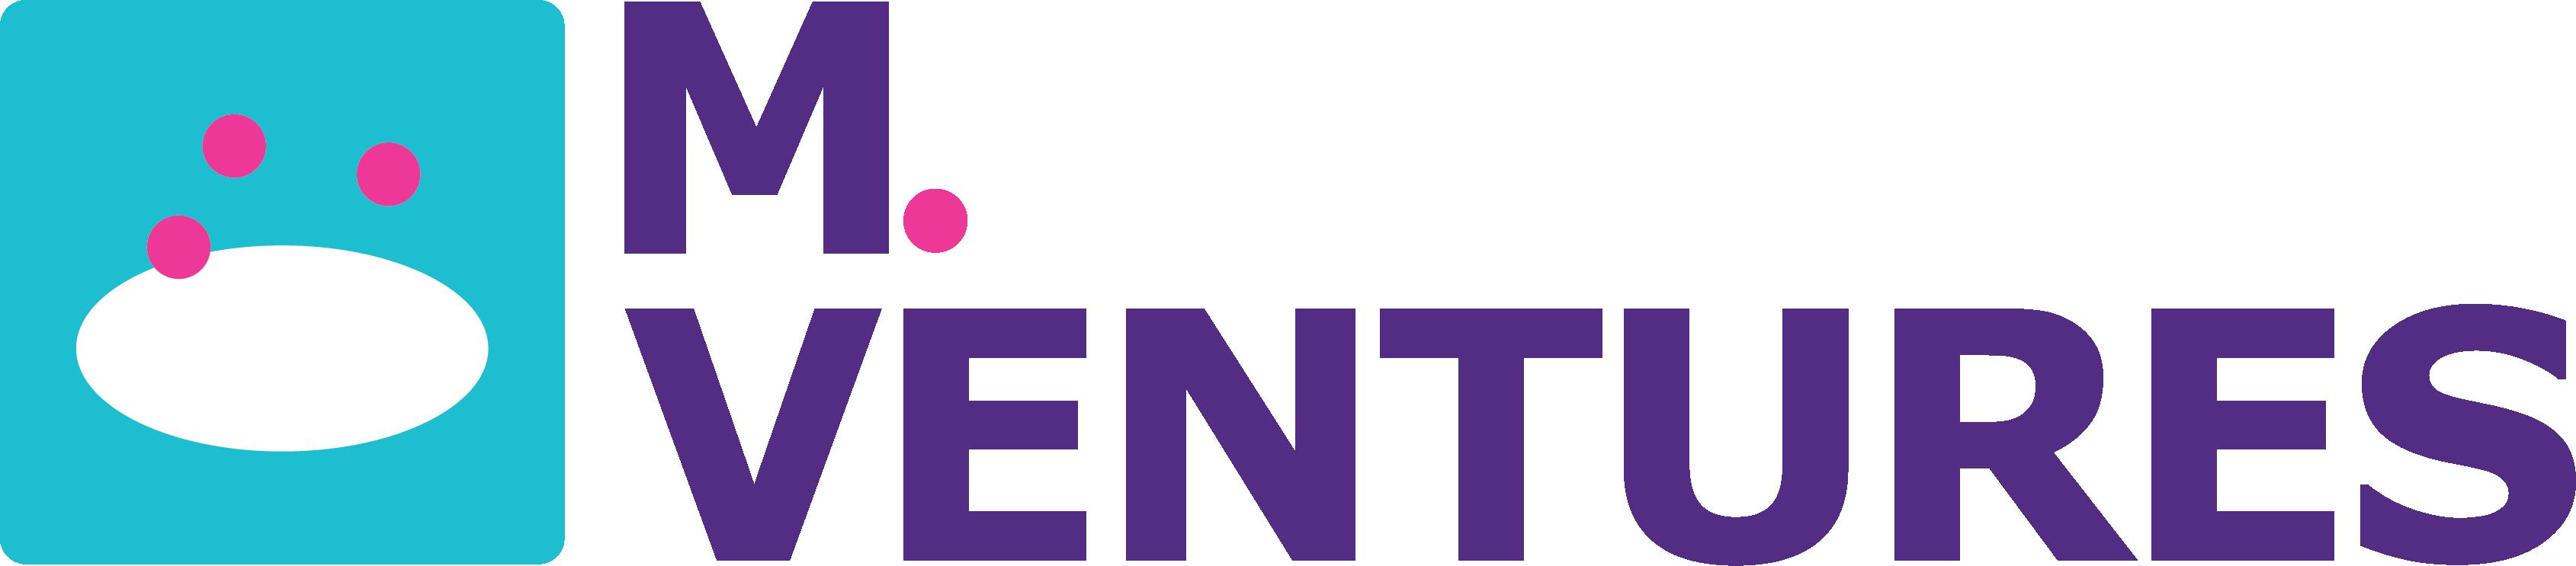 M. Ventures .png